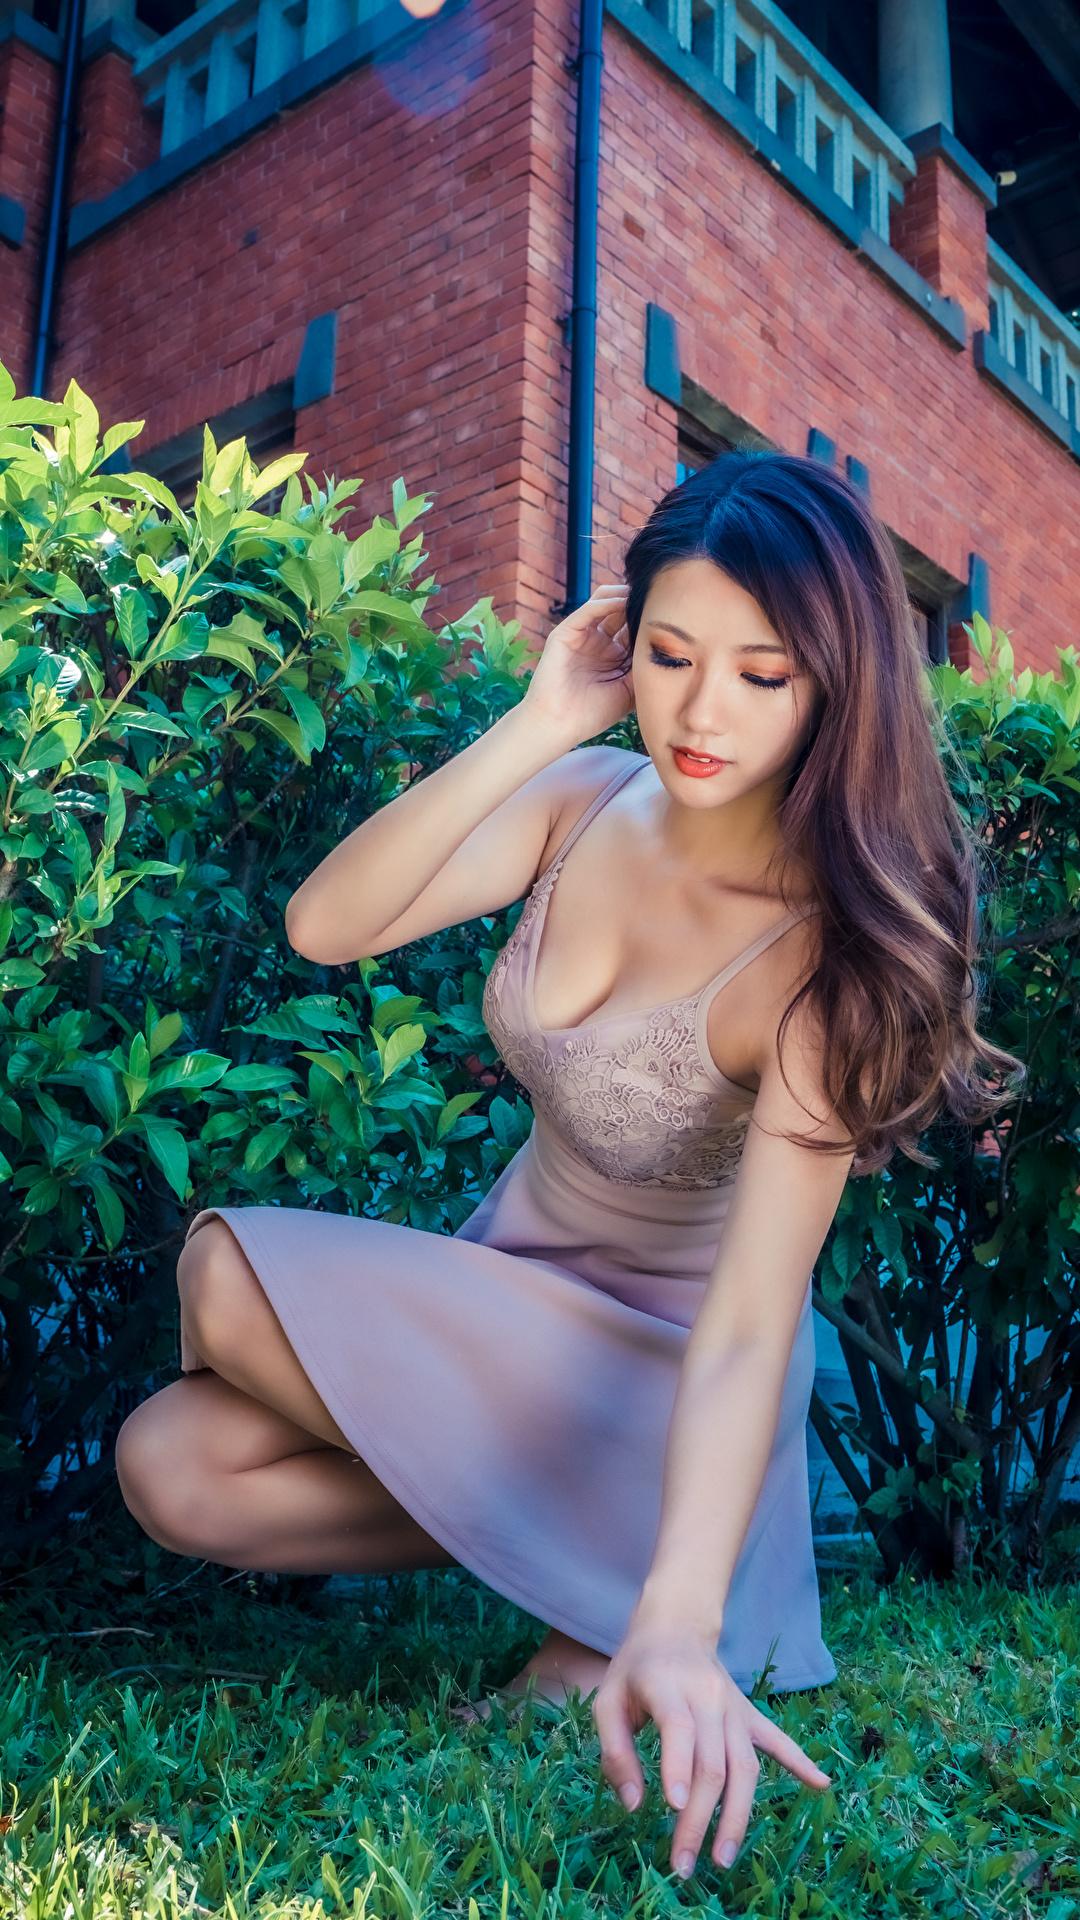 Foto Pose junge Frauen Asiatische Hand Sitzend Kleid 1080x1920 für Handy posiert Mädchens junge frau Asiaten asiatisches sitzt sitzen